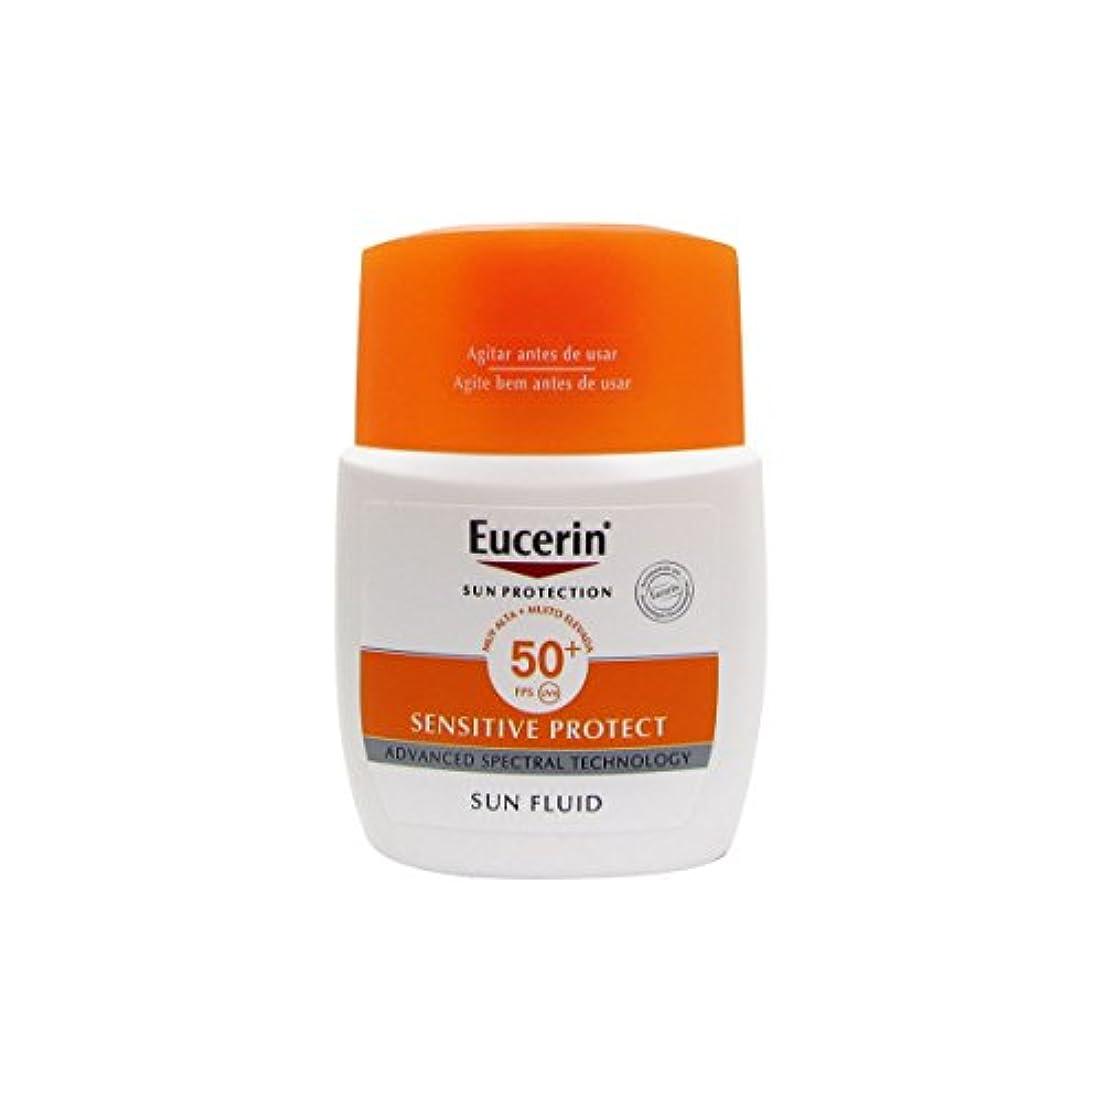 申請者定義する国民投票Eucerin Sun Mattifying Fluid Spf50+ 50ml [並行輸入品]